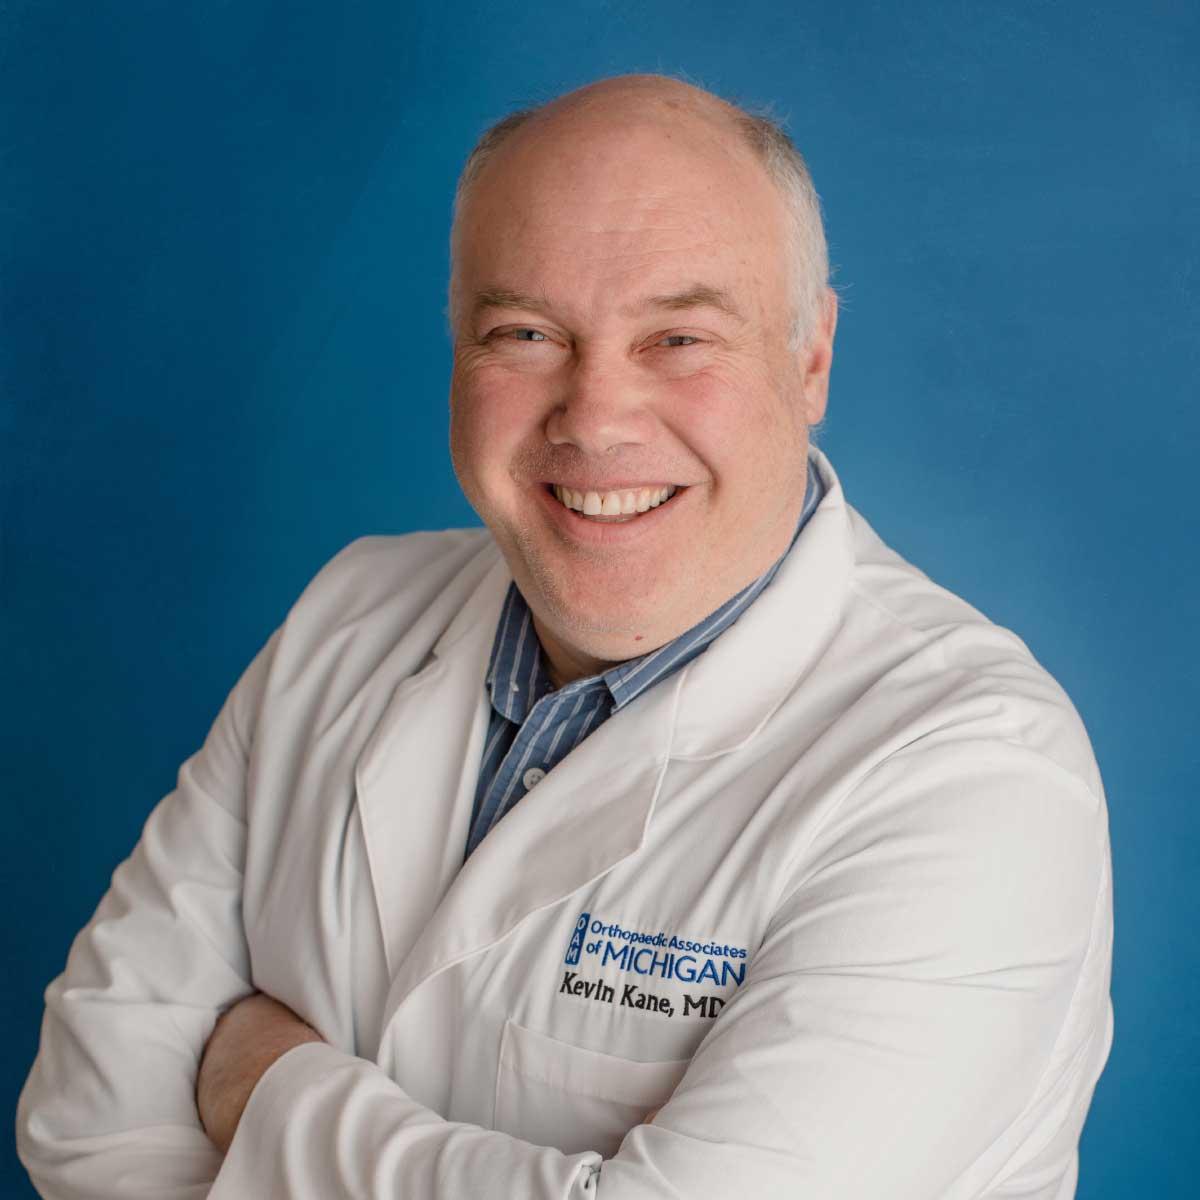 Kevin Kane, MD